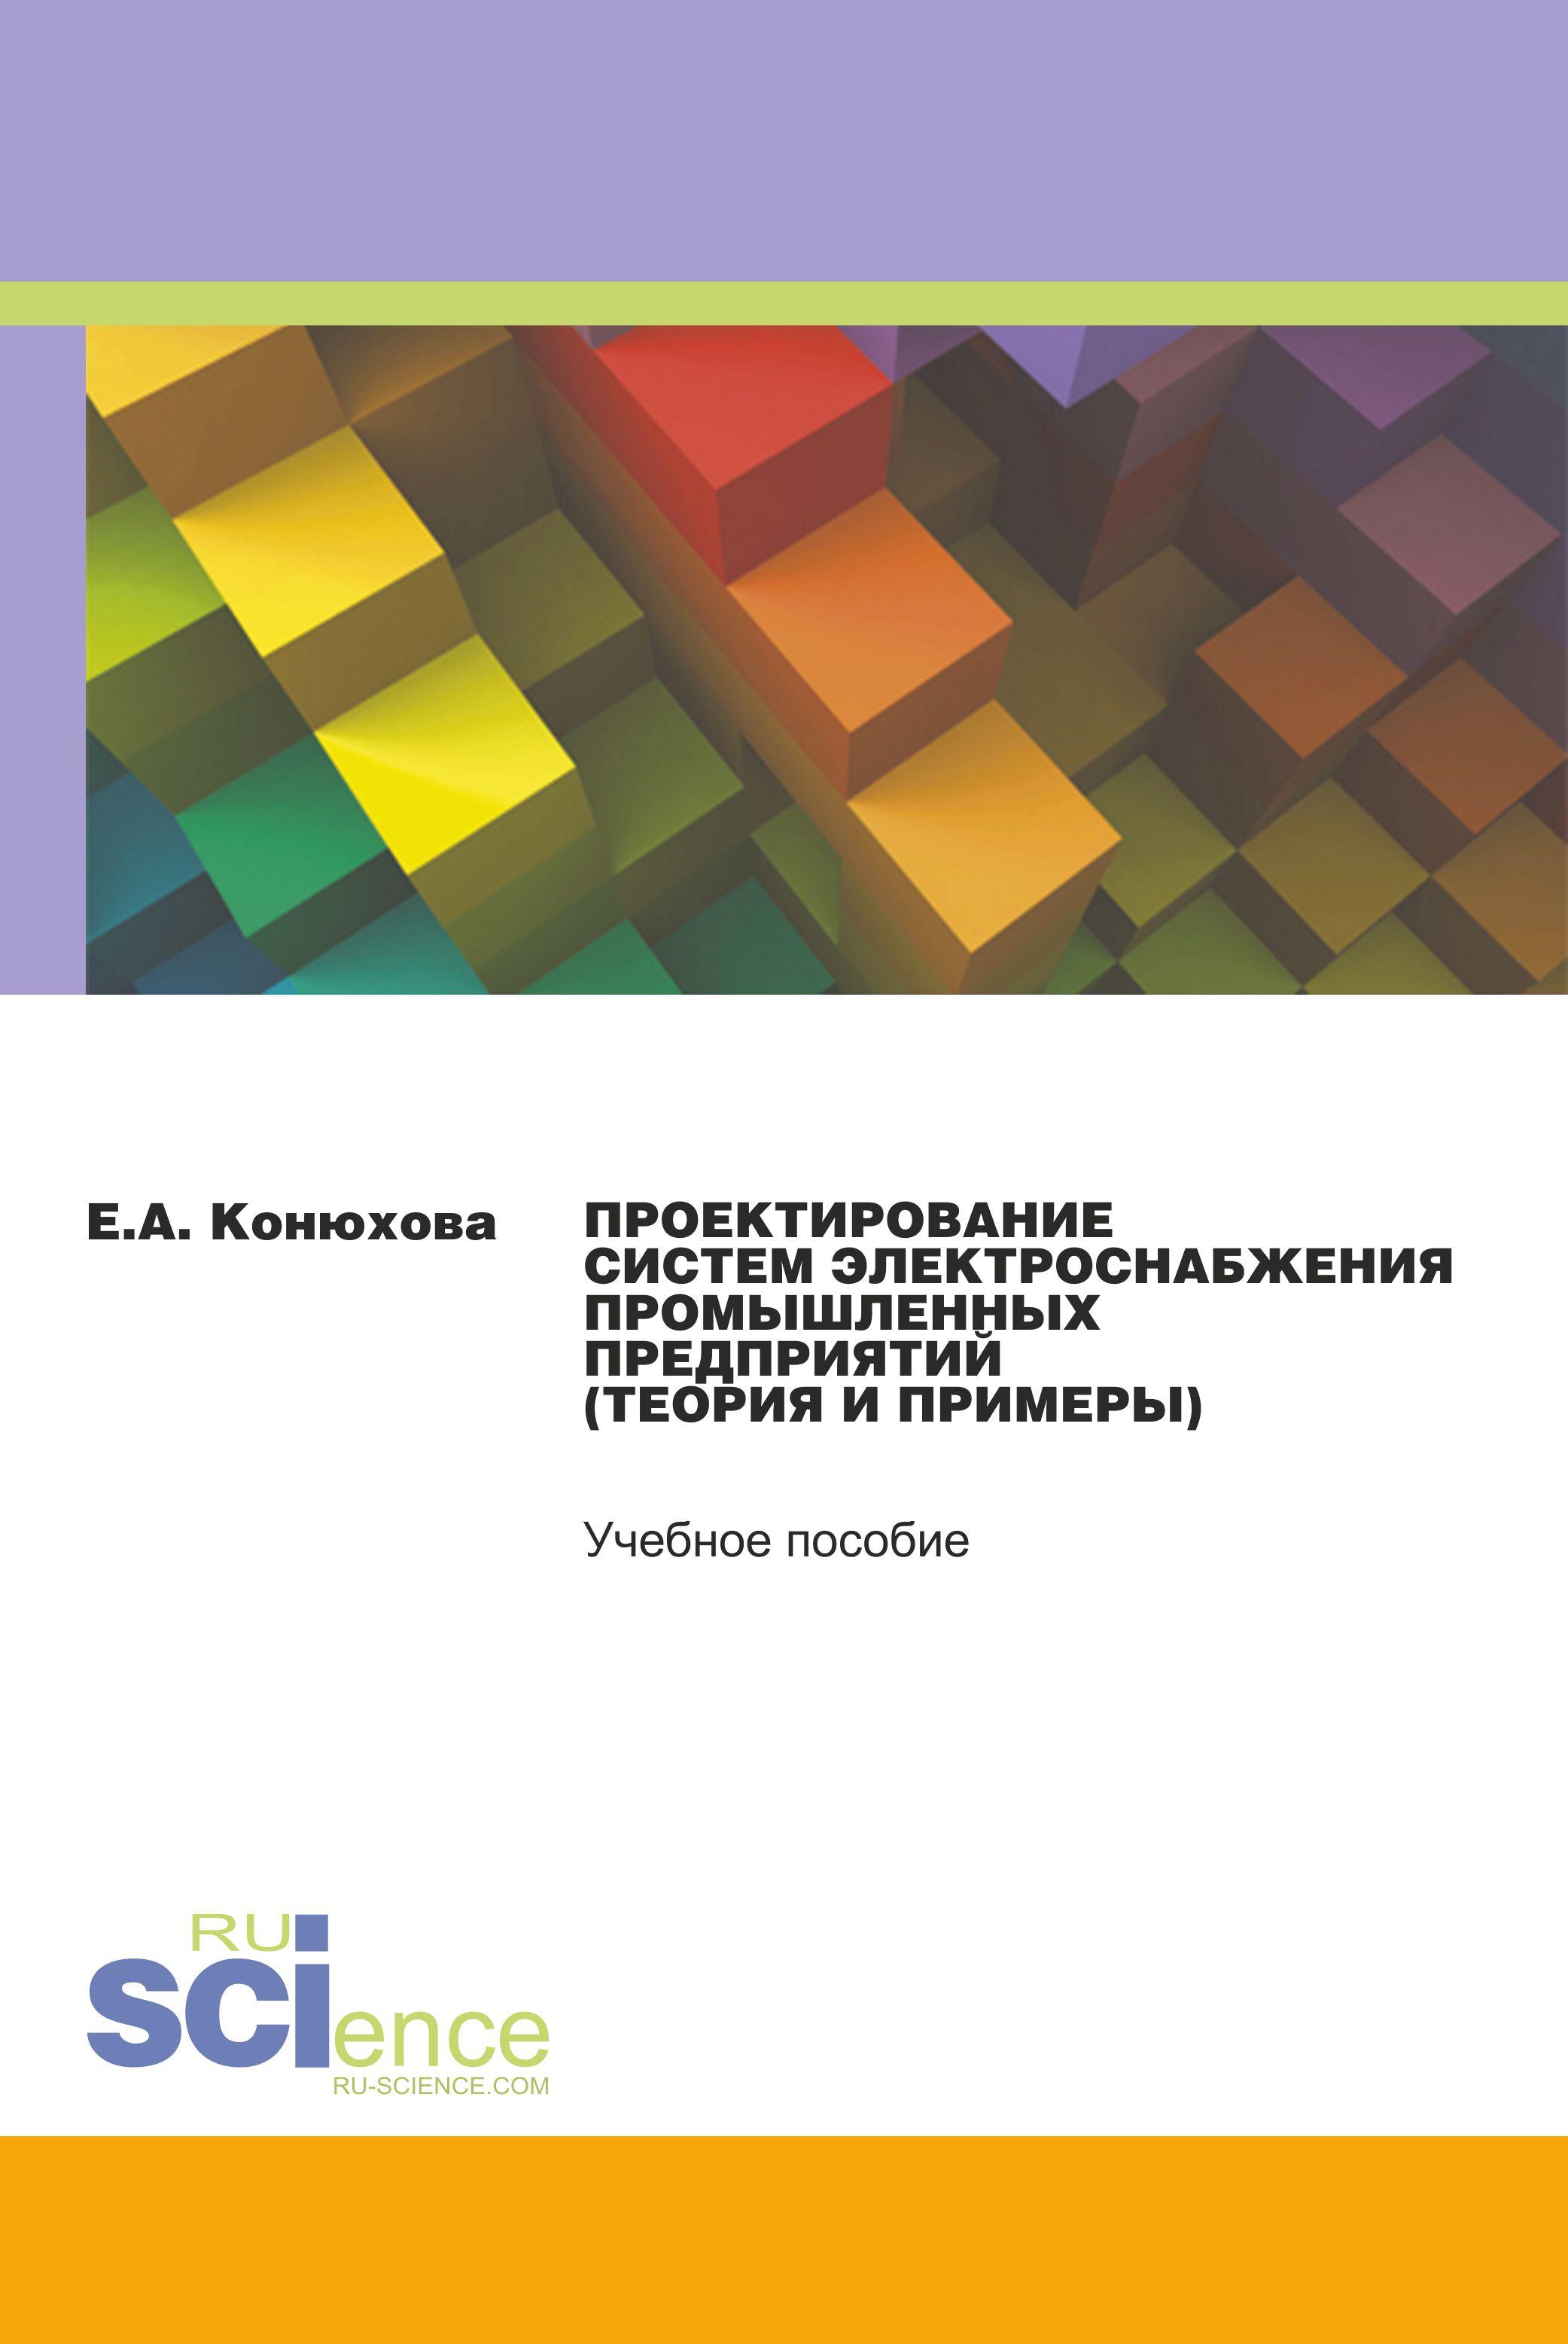 Проектирование систем электроснабжения промышленных предприятий (теория и примеры). Учебное пособие